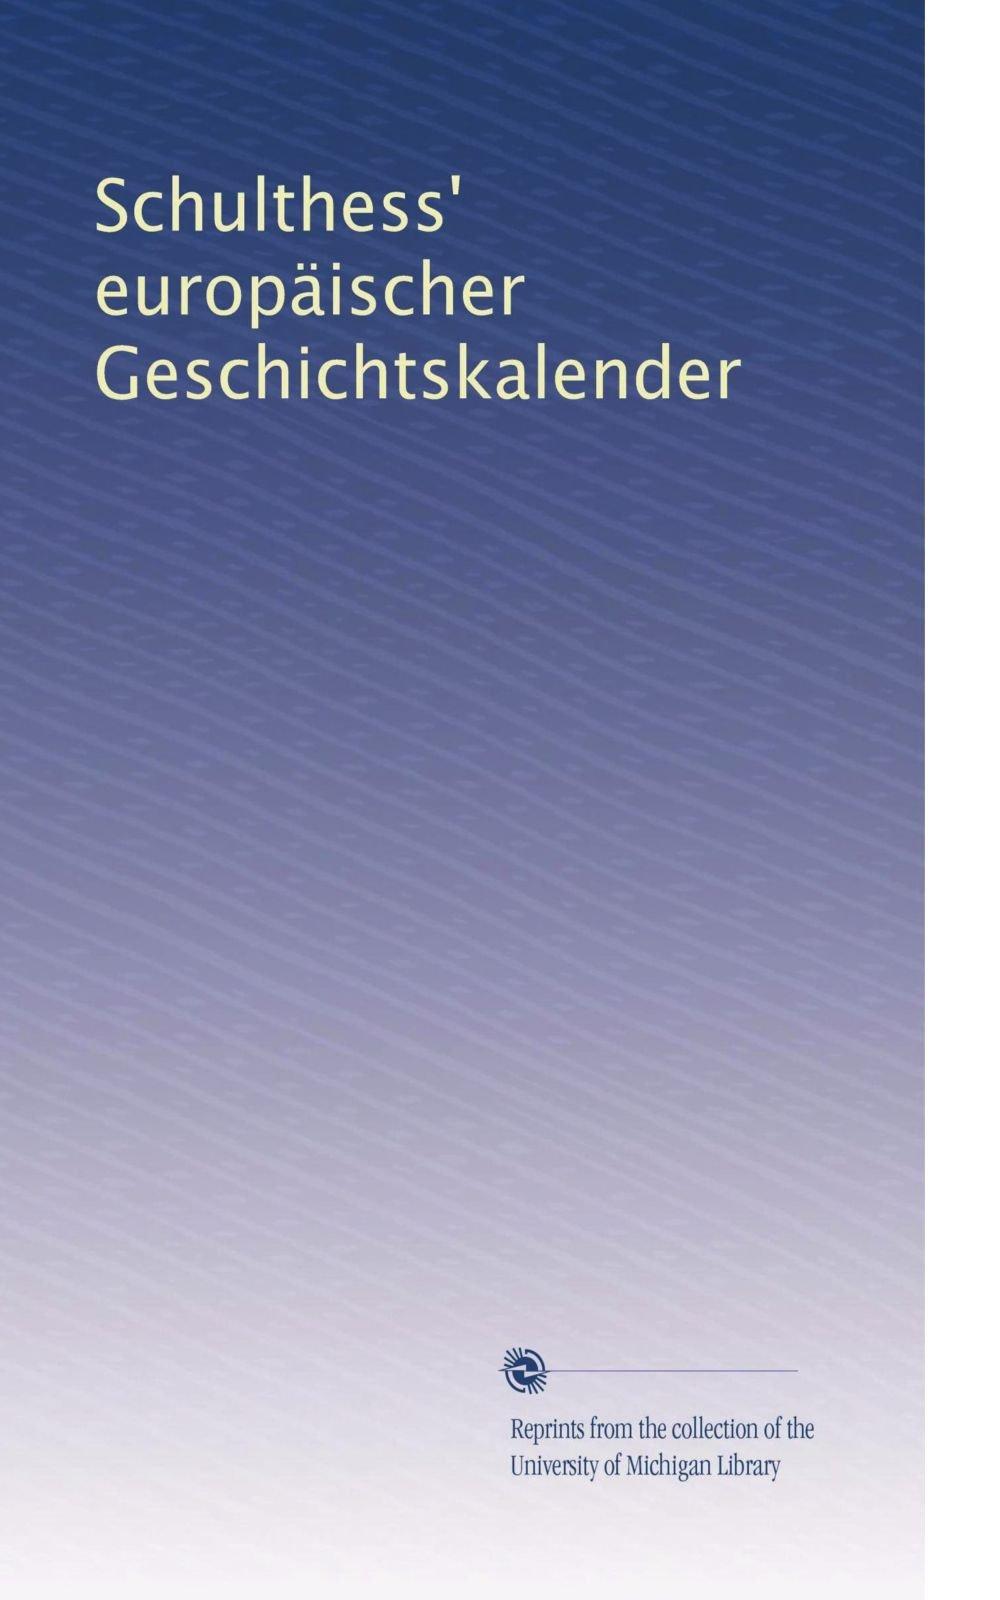 Schulthess' europäischer Geschichtskalender (Volume 22) (German Edition) pdf